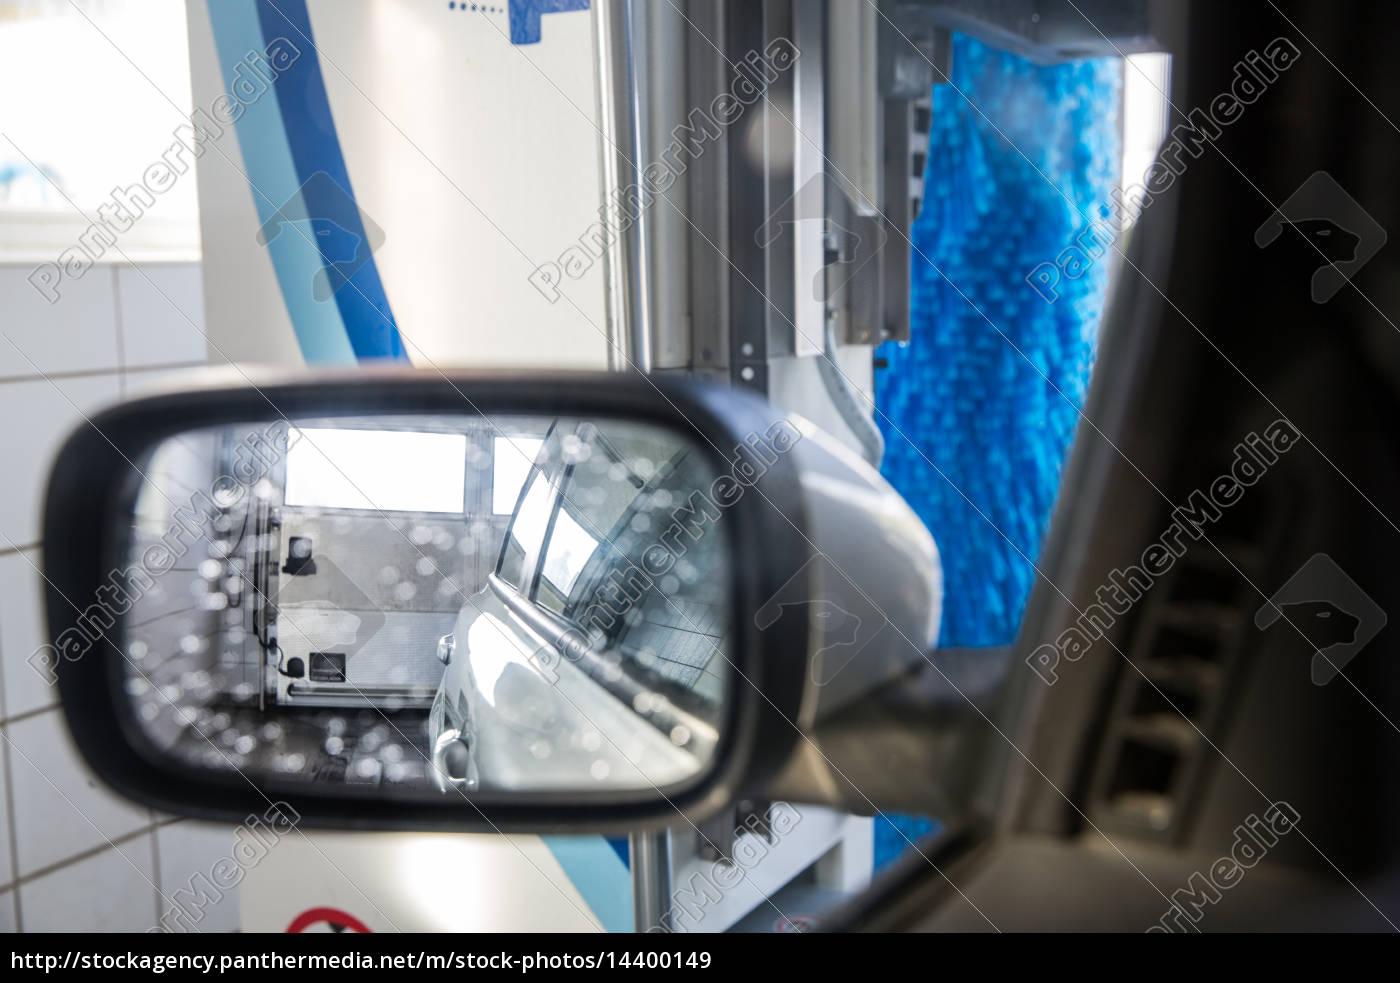 auto in einer waschanlage - blick aus dem inneren des - Lizenzfreies ...